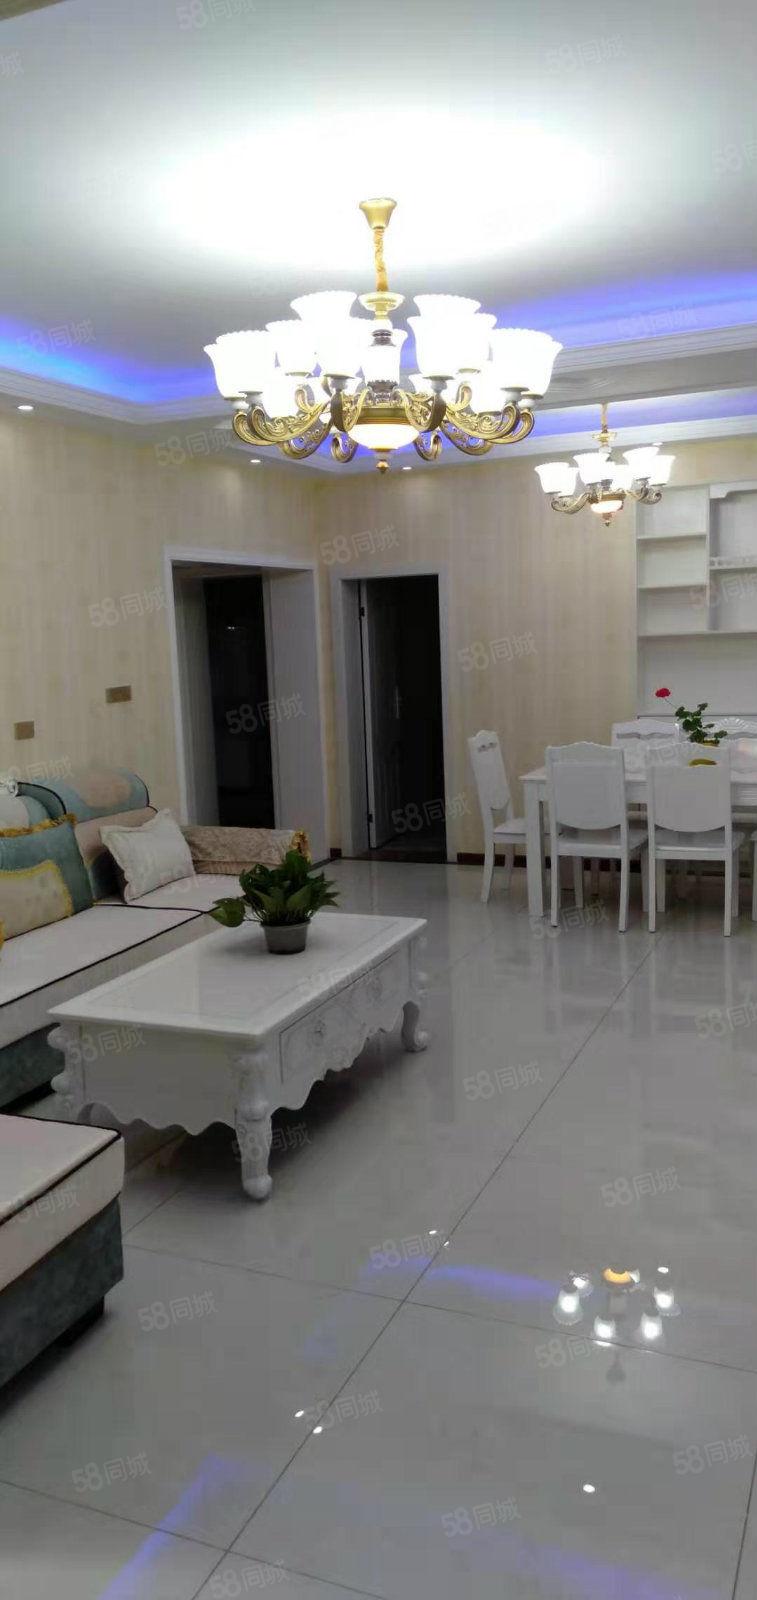 中环路四室两厅两卫两阳台,清水房精装修,家具家电全新